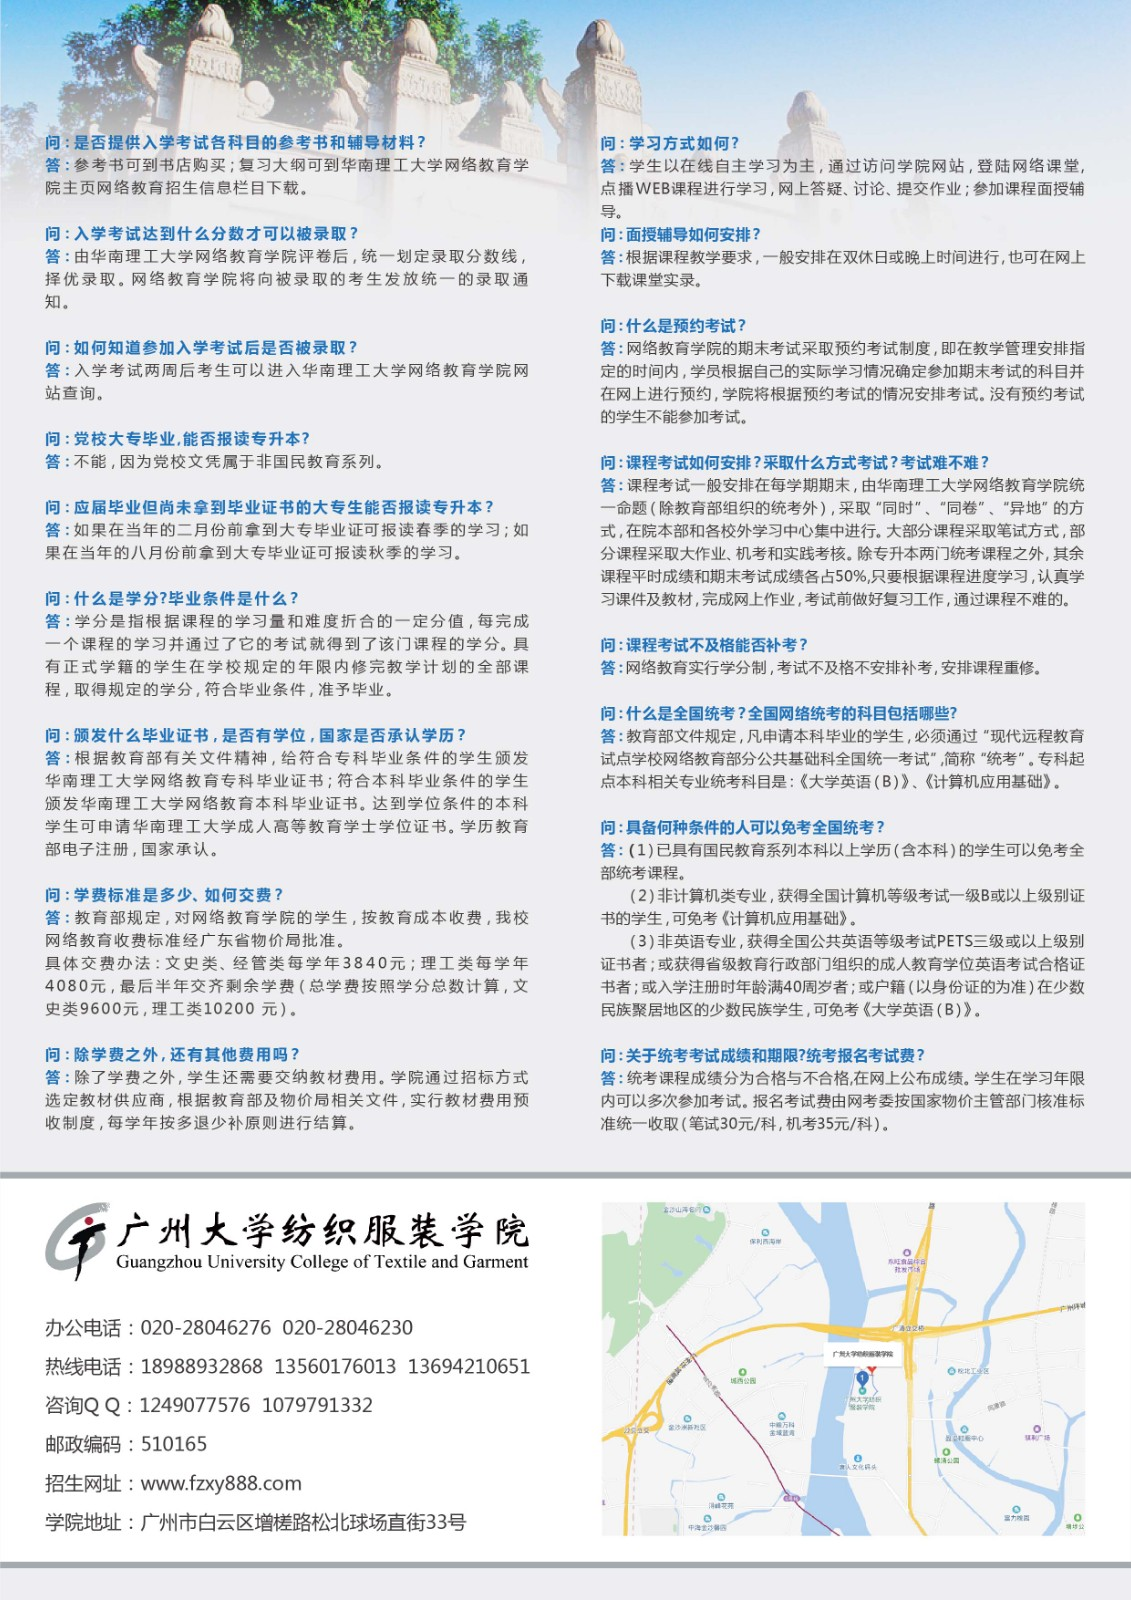 华工网络教育招生简章小-24.jpg